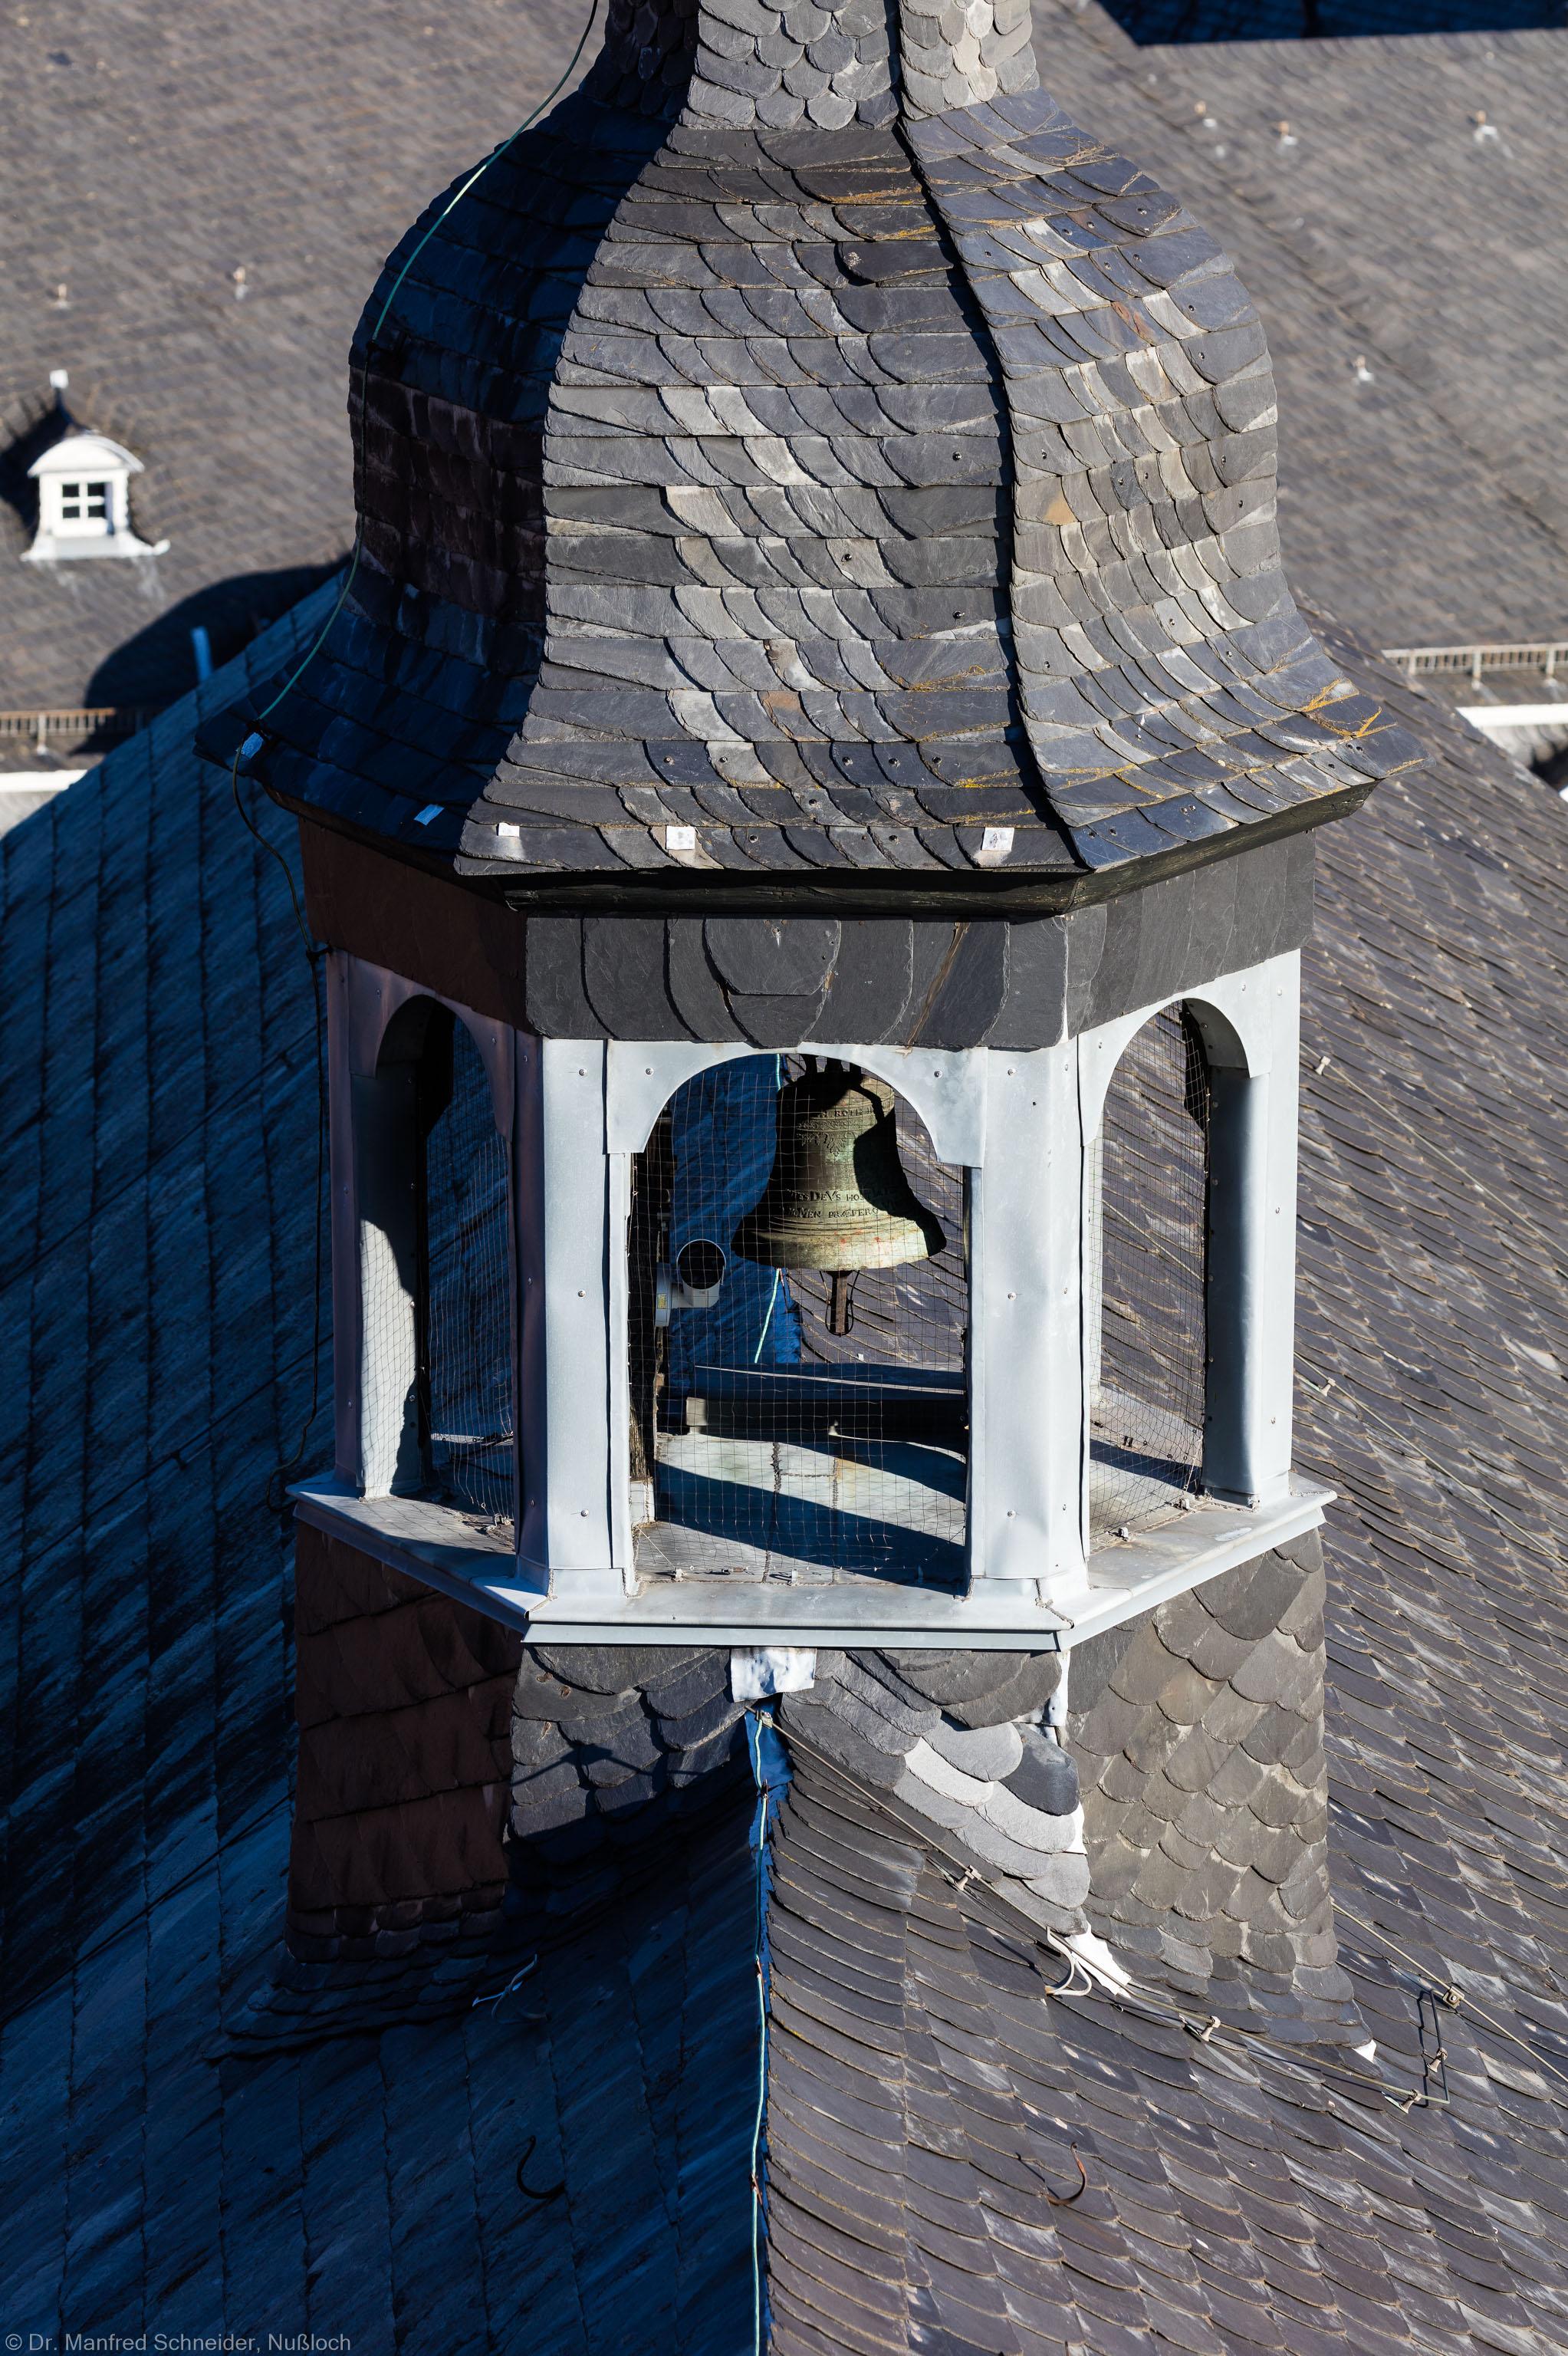 Heidelberg - Heiliggeistkirche - Dach - Blick auf den Dachreiter mit der Scheideglocke (aufgenommen im November 2015, am Nachmittag)